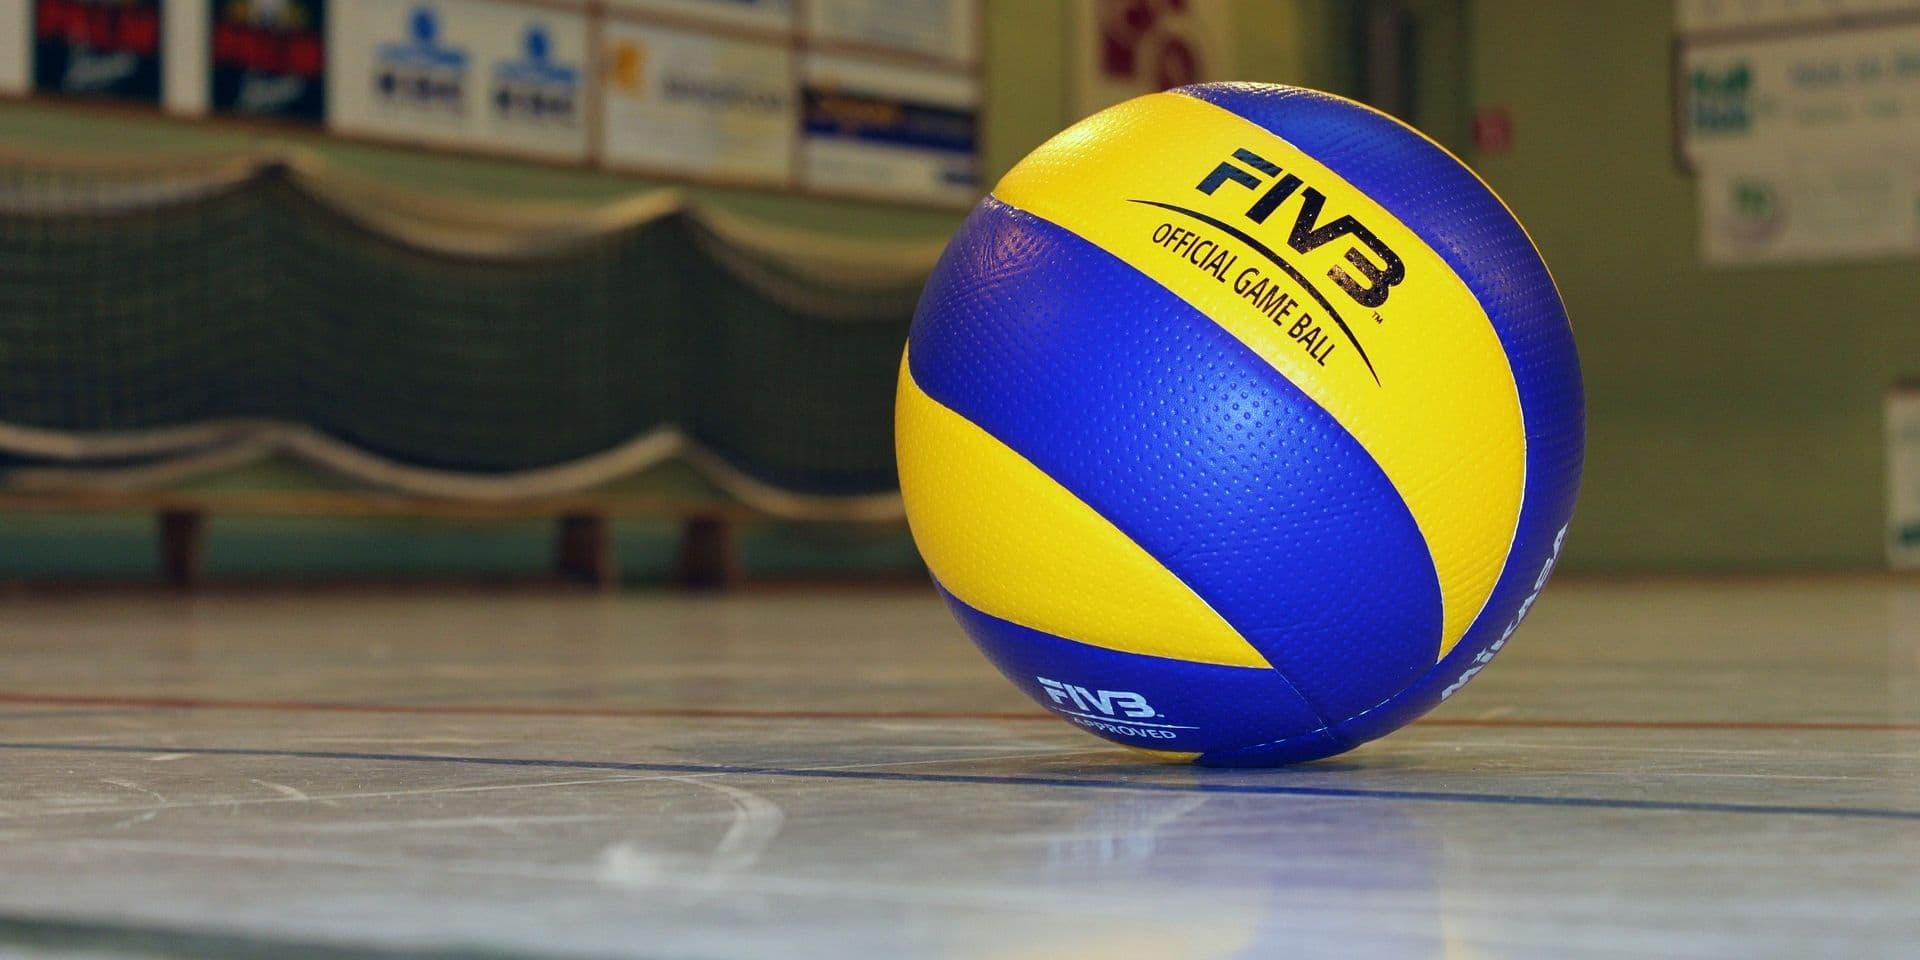 Volley-ball: le tournoi de Frasnes déménage à Anvaing